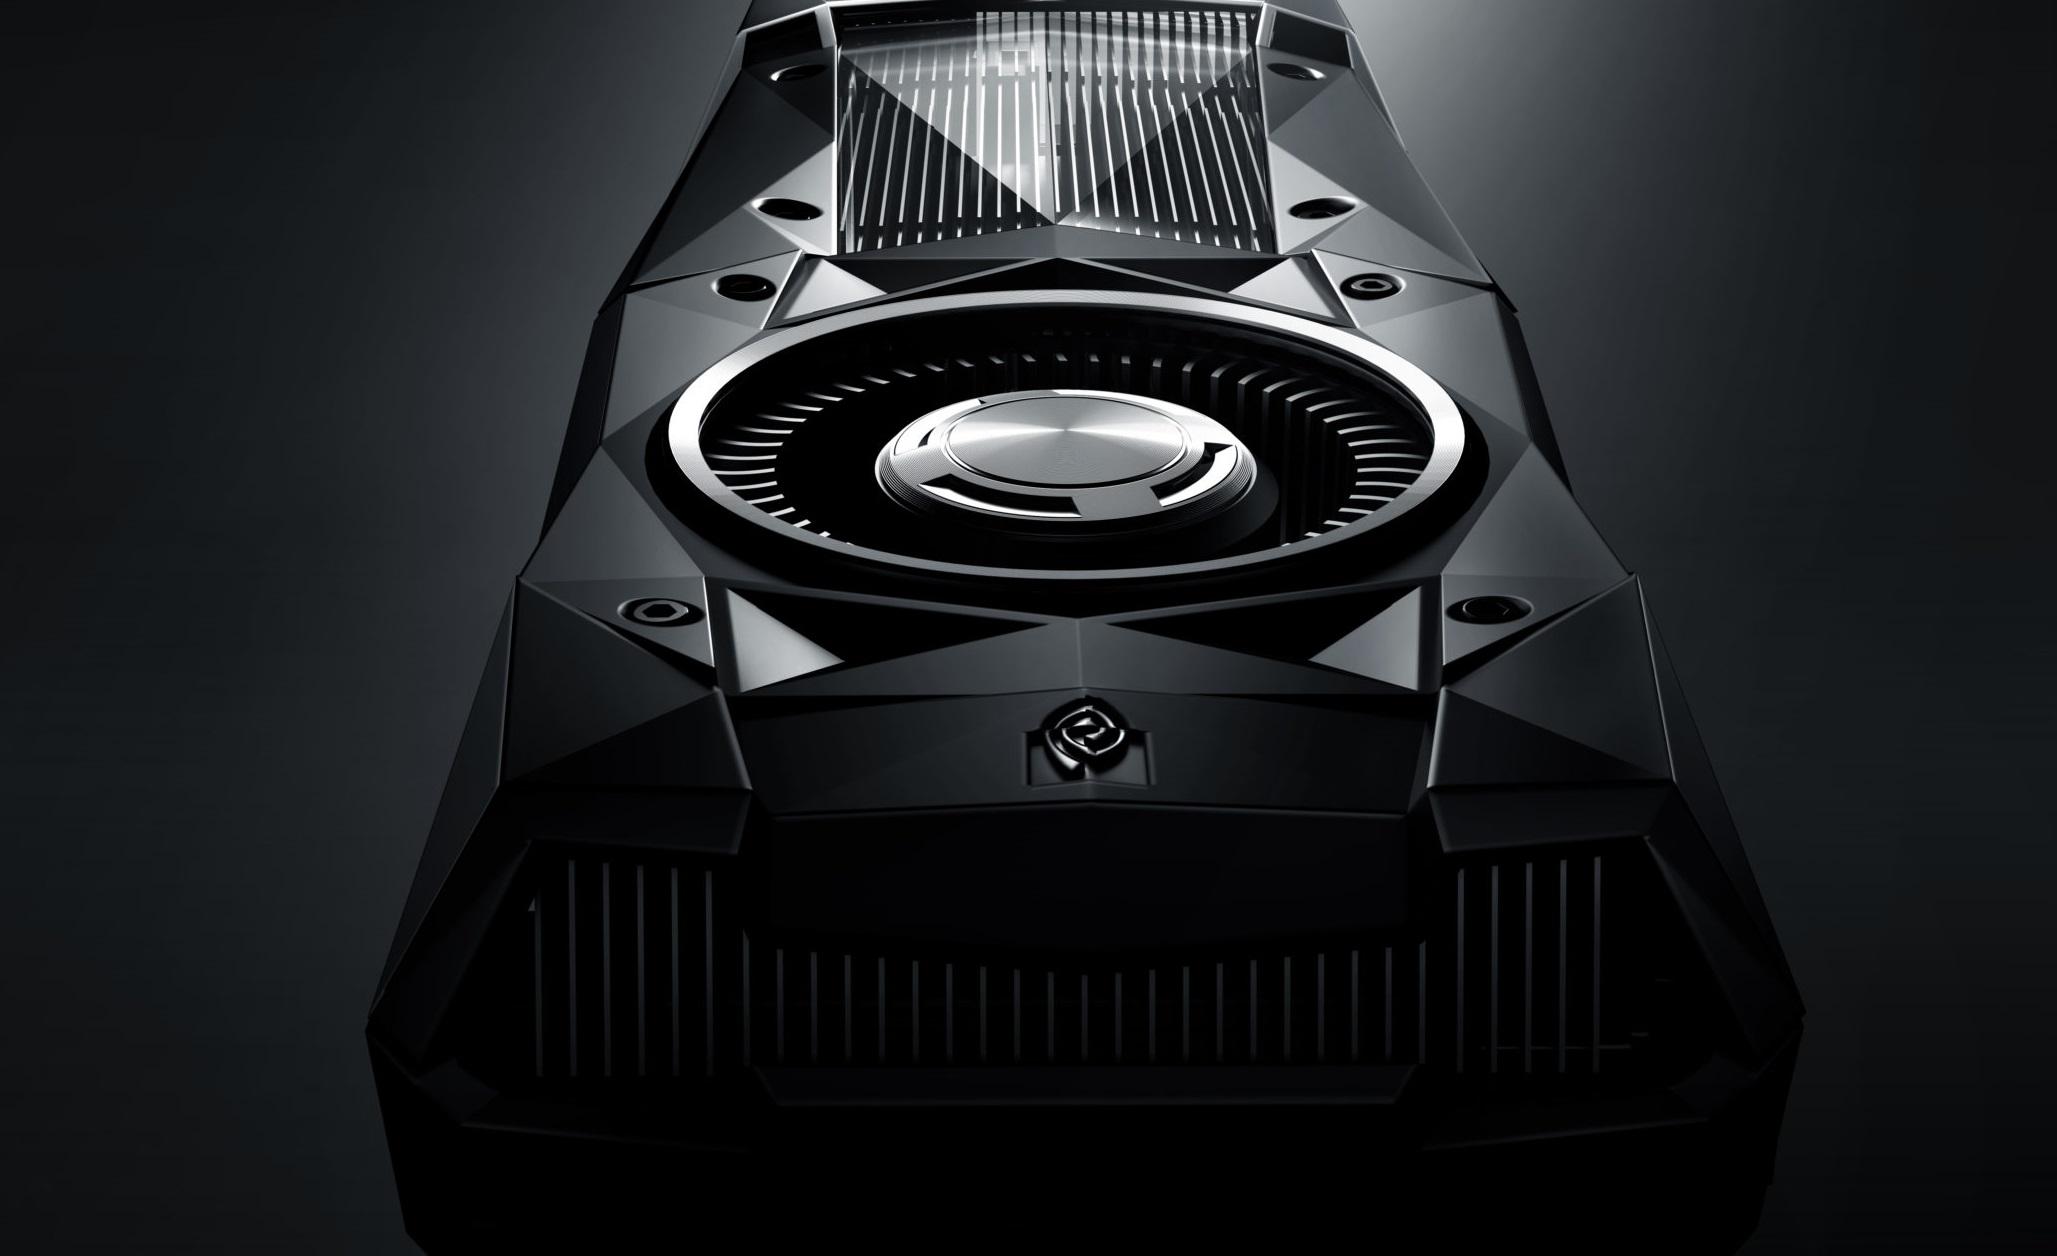 Опубликованы характеристики видеокарт поколения Ampere, включая GeForce RTX 3080 Ti